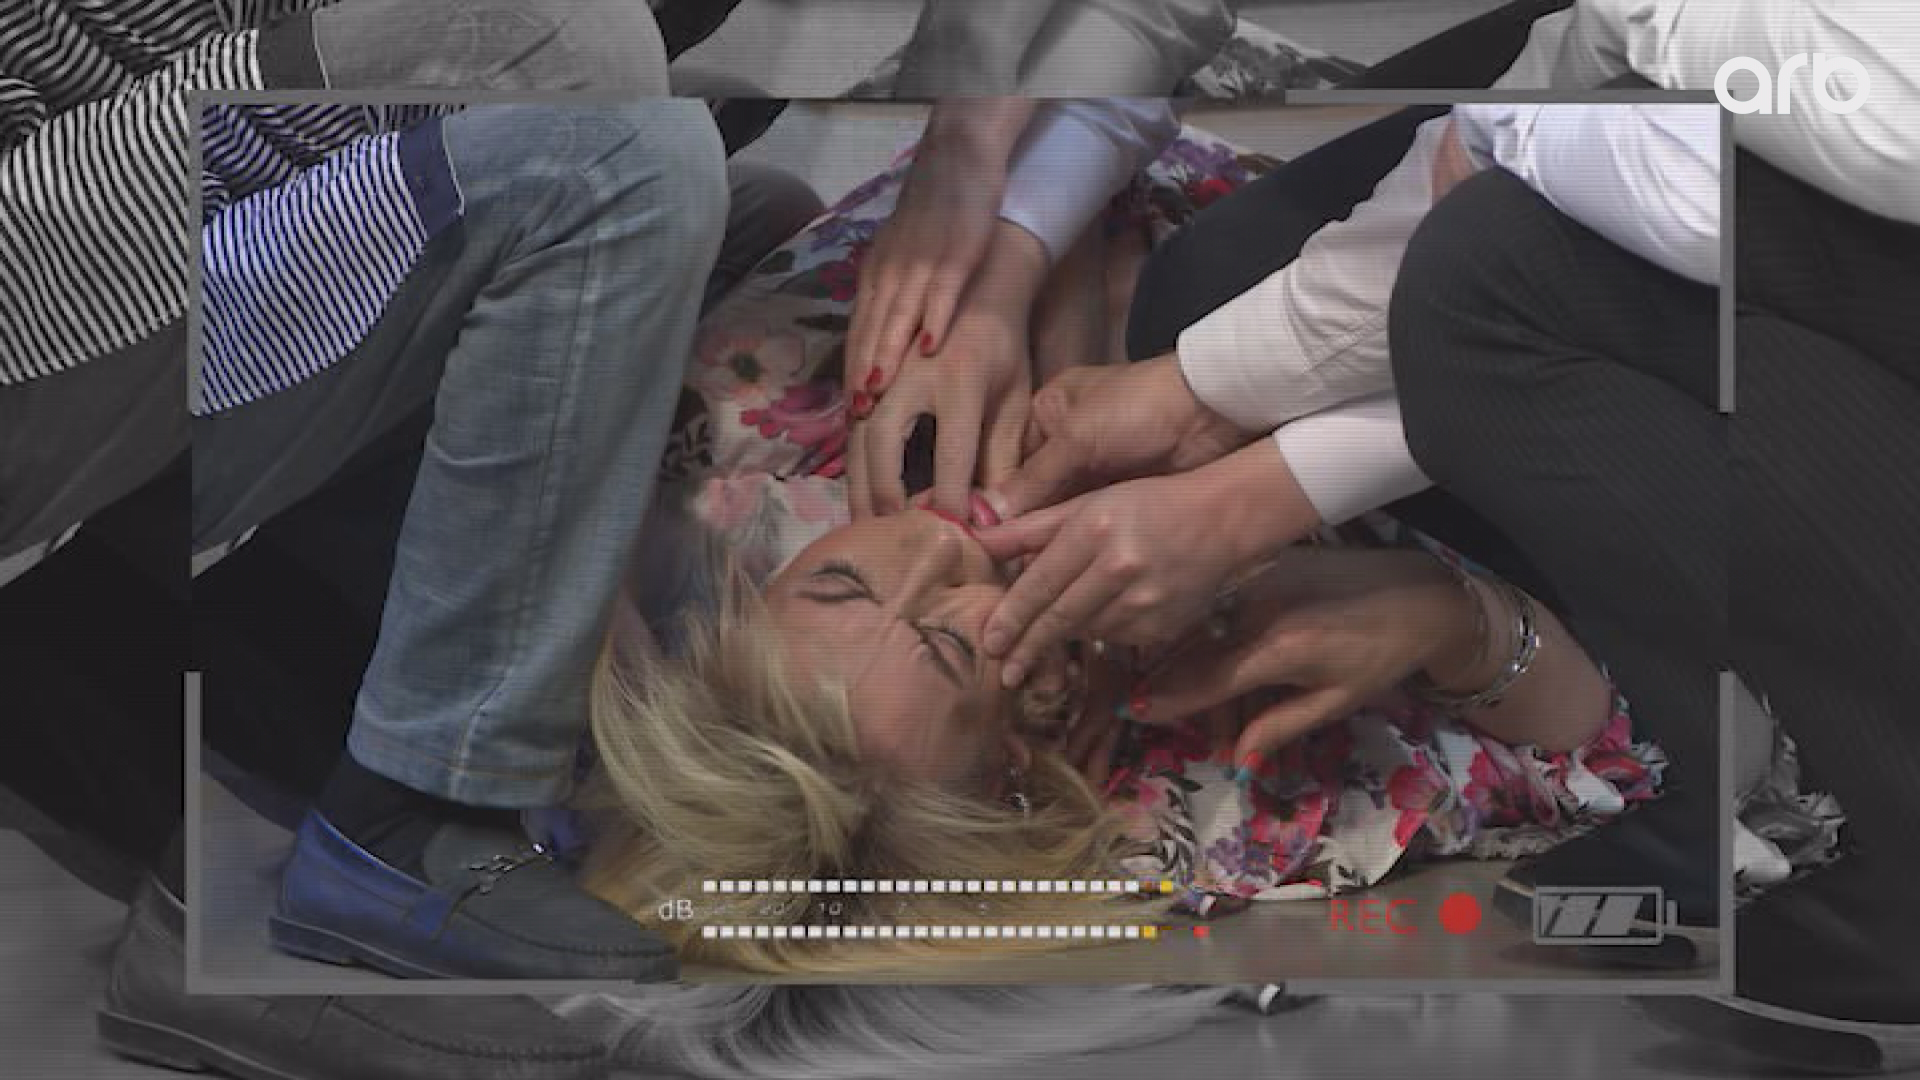 Так трахнули что потеряла сознание онлайн, Оргазм До потери сознания -видео. Смотреть 3 фотография